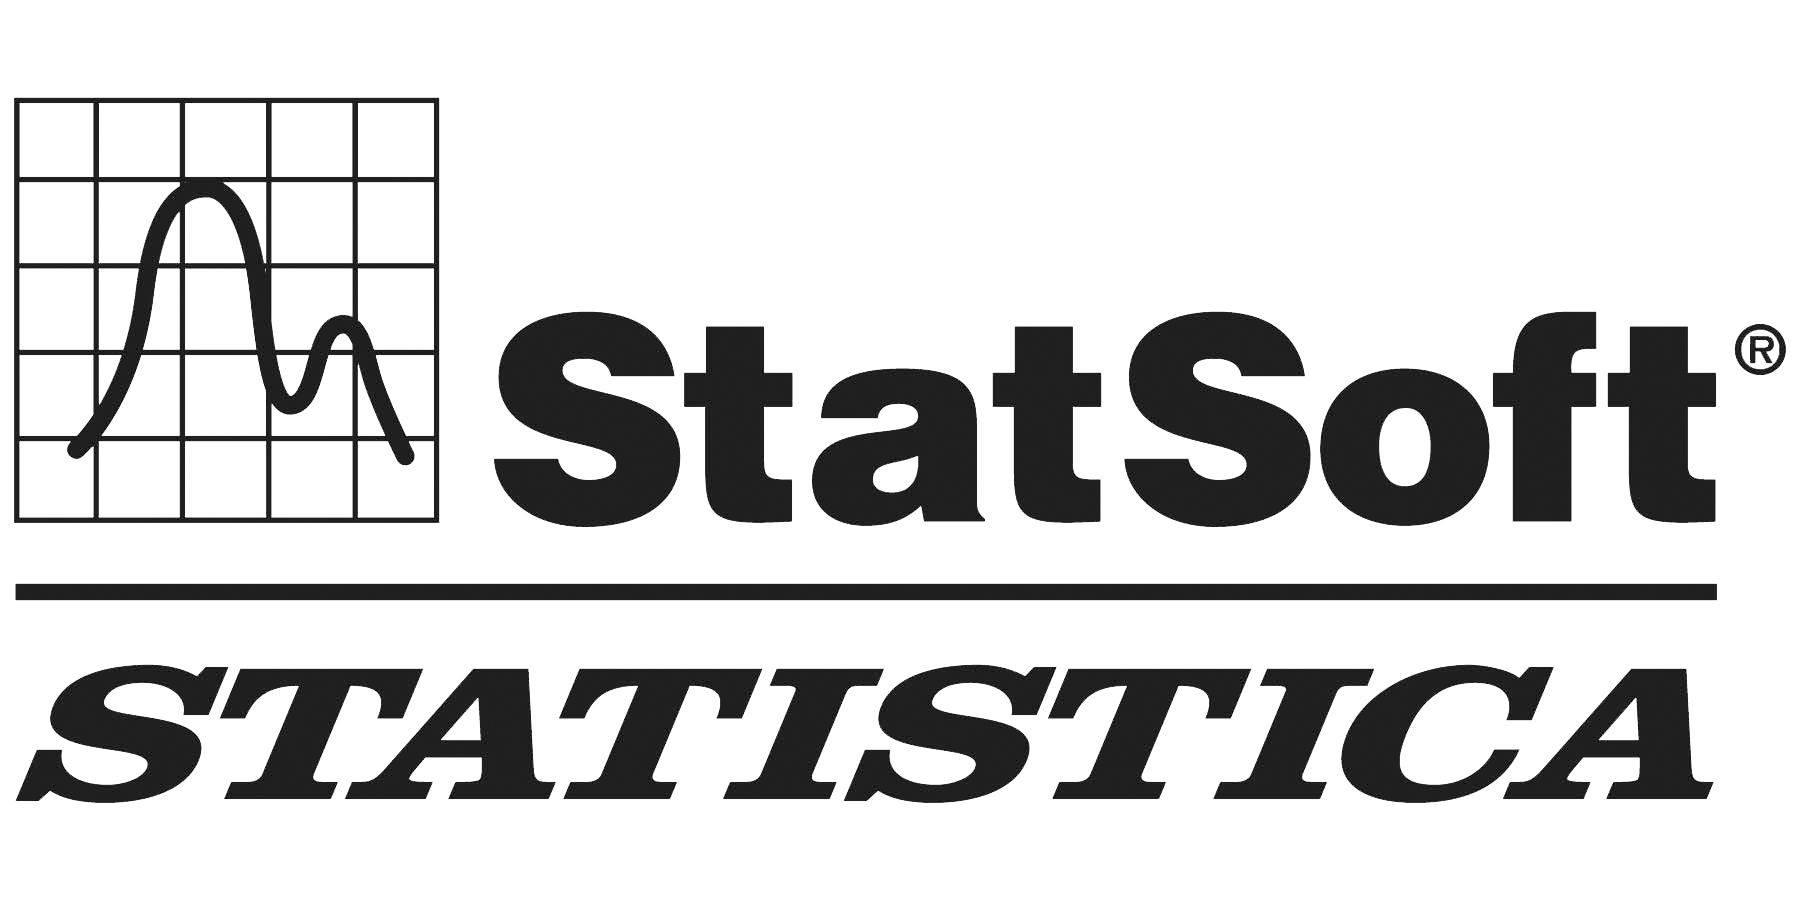 Statistica 13.1